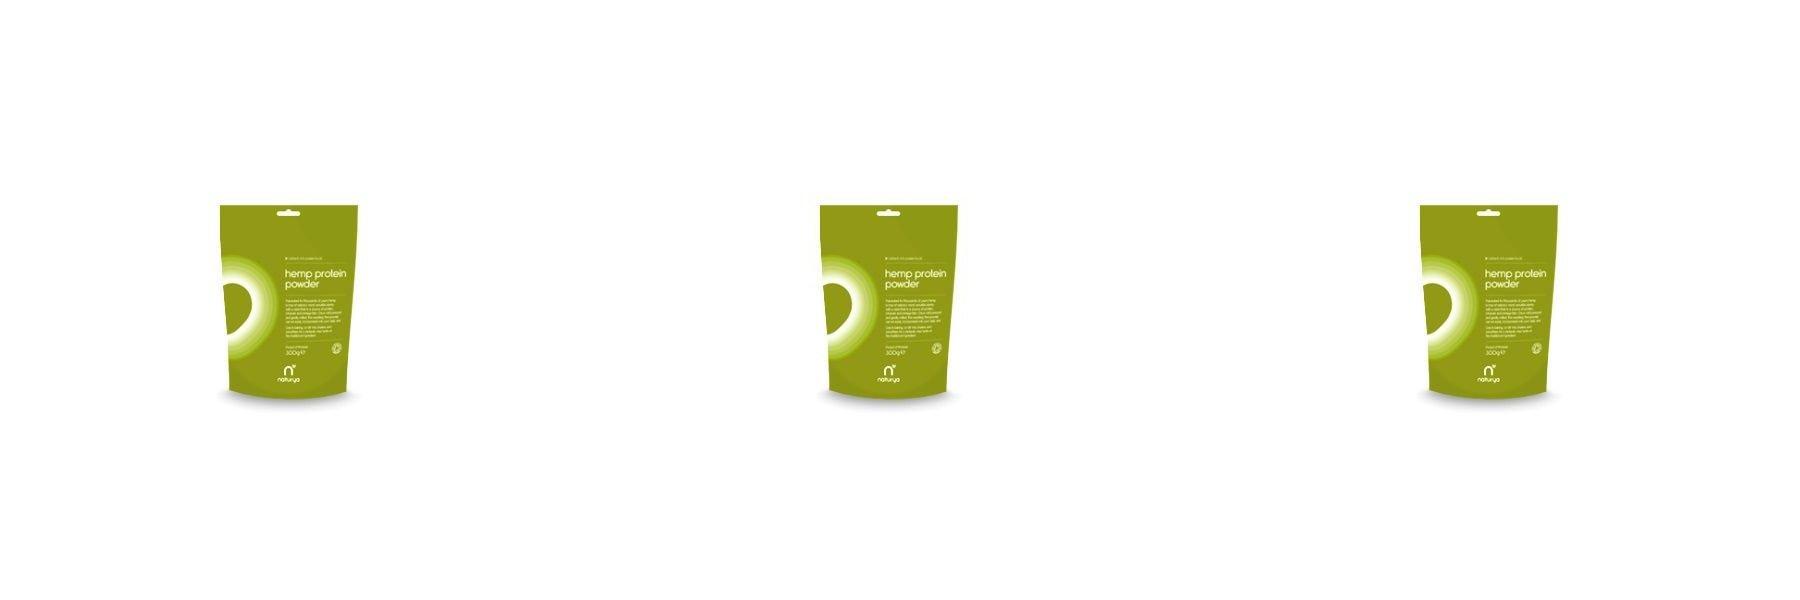 (3 PACK) - Naturya Organic Hemp Protein Powder| 300 g |3 PACK - SUPER SAVER - SAVE MONEY